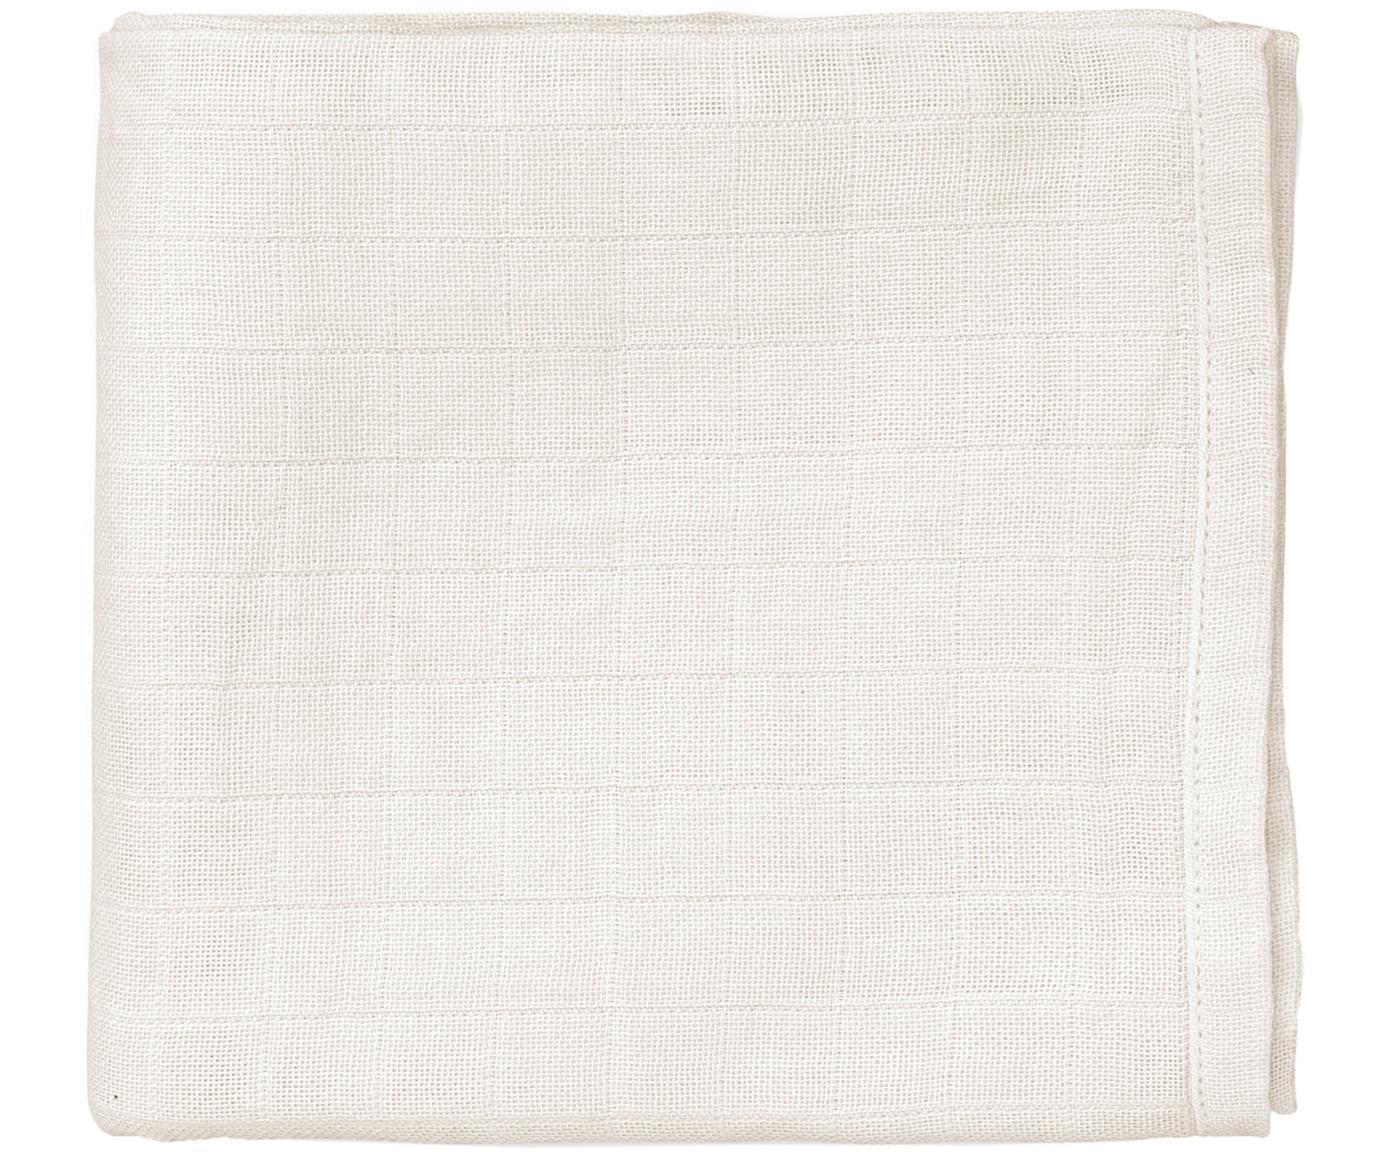 Bavlněná plenka z organické bavlny Muslin, 2 ks, Krémová